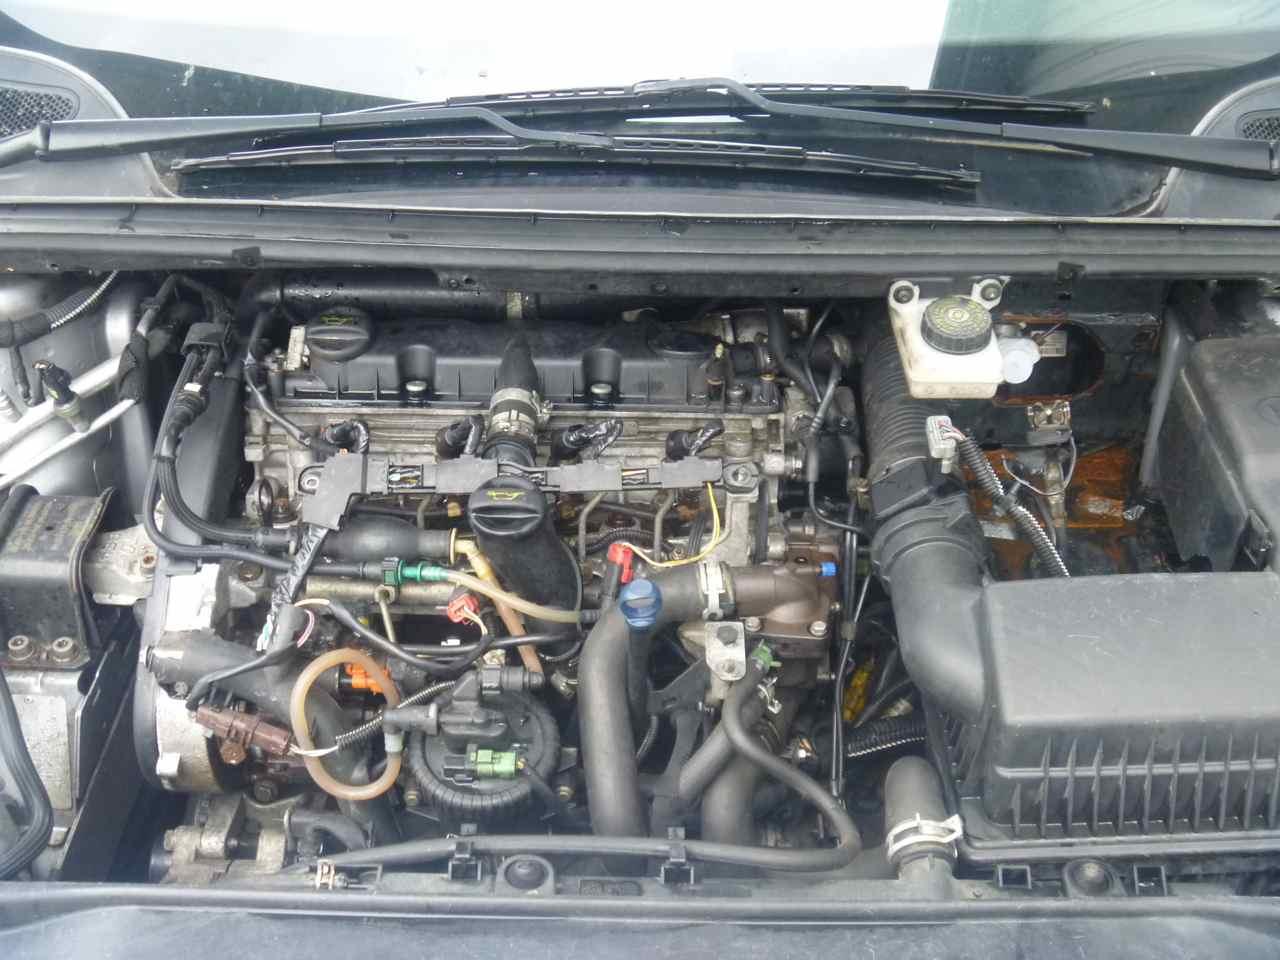 PEUGEOT 307 engine